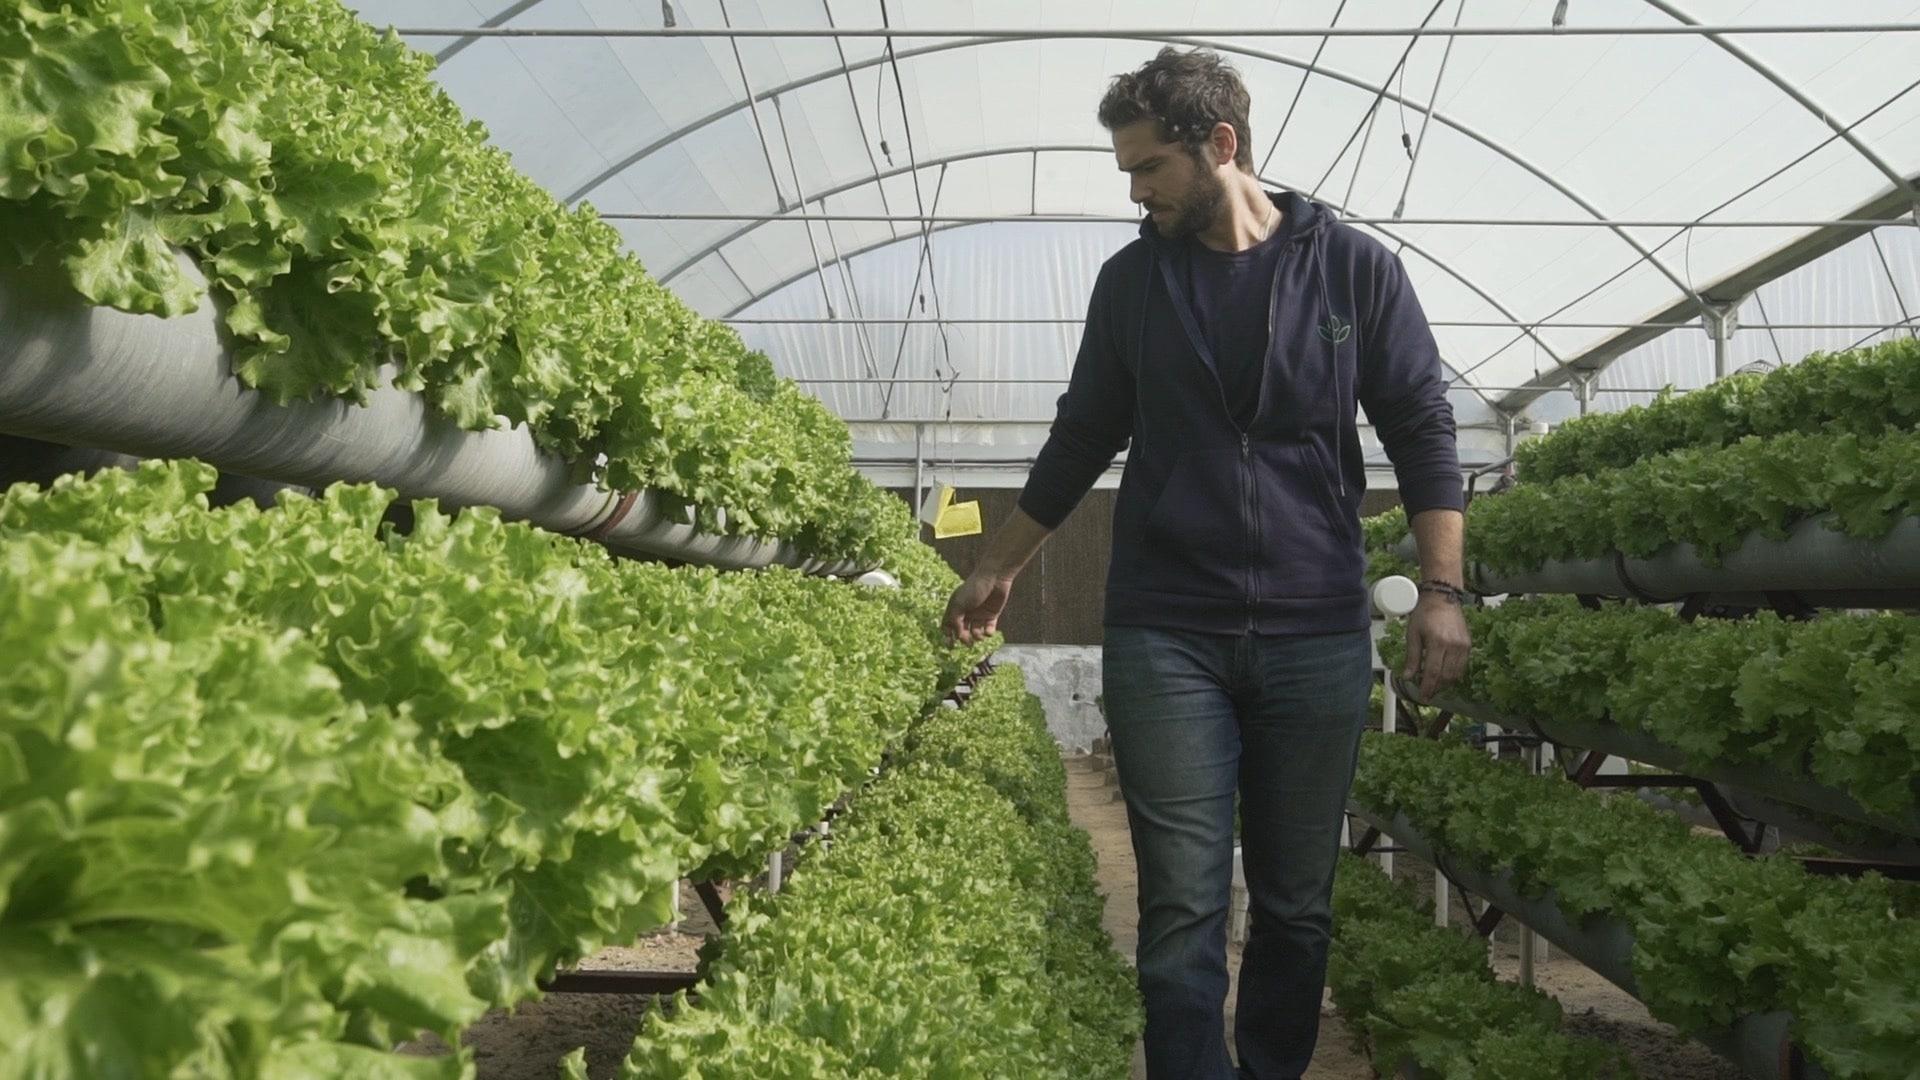 agribusiness work-life balance